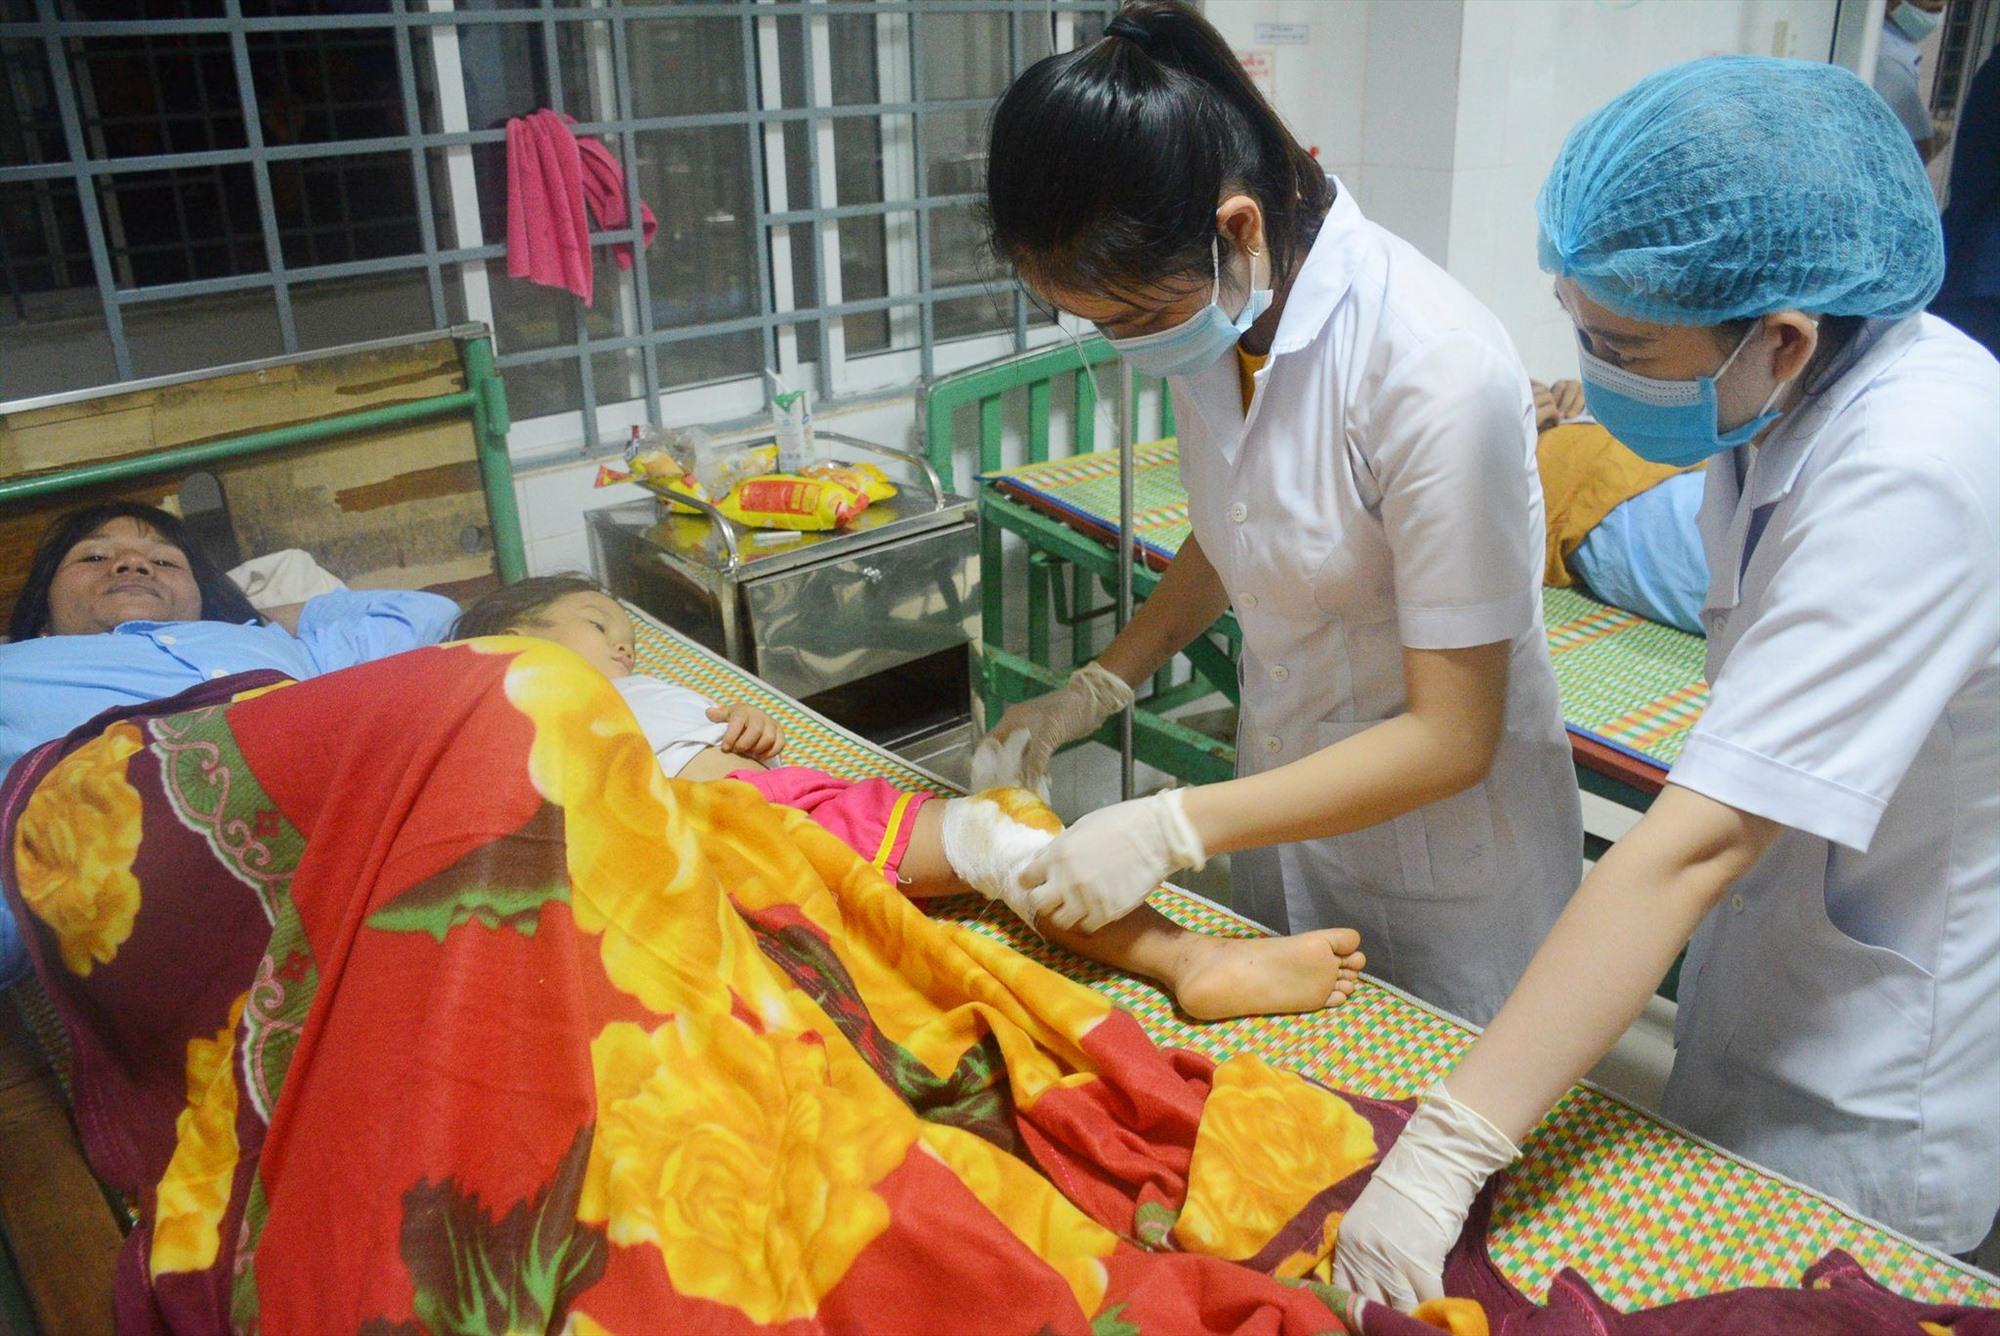 Nhân viên Trung tâm Y tế Bắc Trà My sơ cấp cứu ban đầu và chăm sóc các nạn nhân trong vụ sạt lở tại Trà Leng. Ảnh: C.Đ